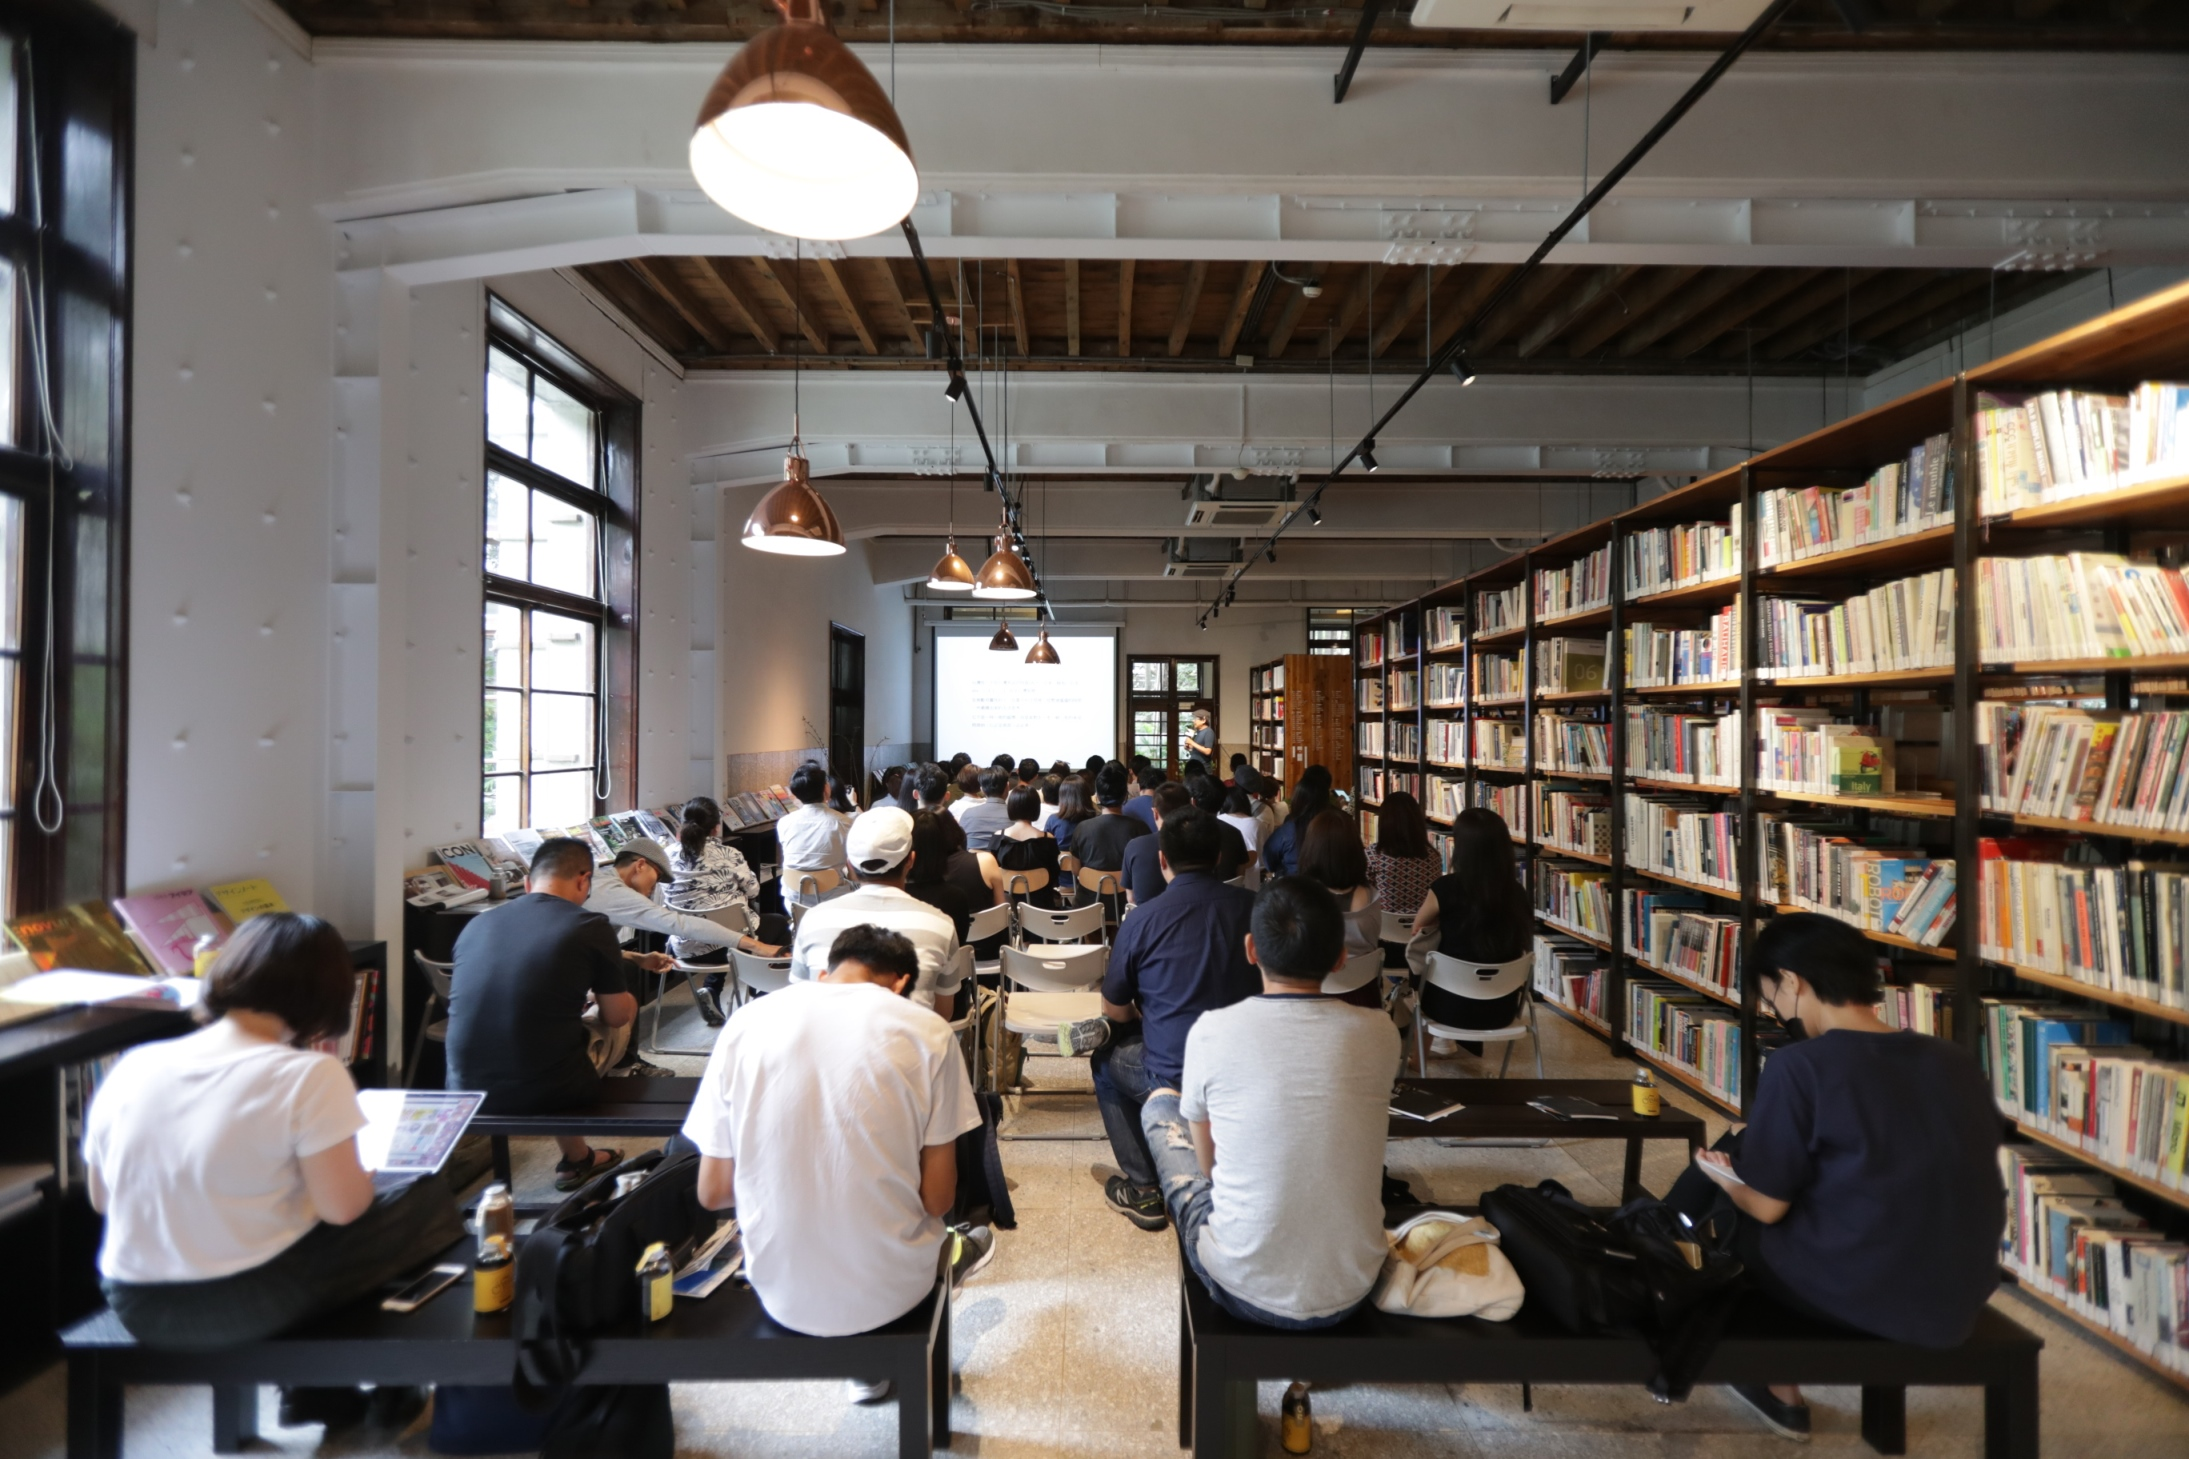 「華人設計觀點 x 金點沙龍」6/13台北登場!詹偉雄、何佳興、王耀邦精彩暢談設計與文化觀察